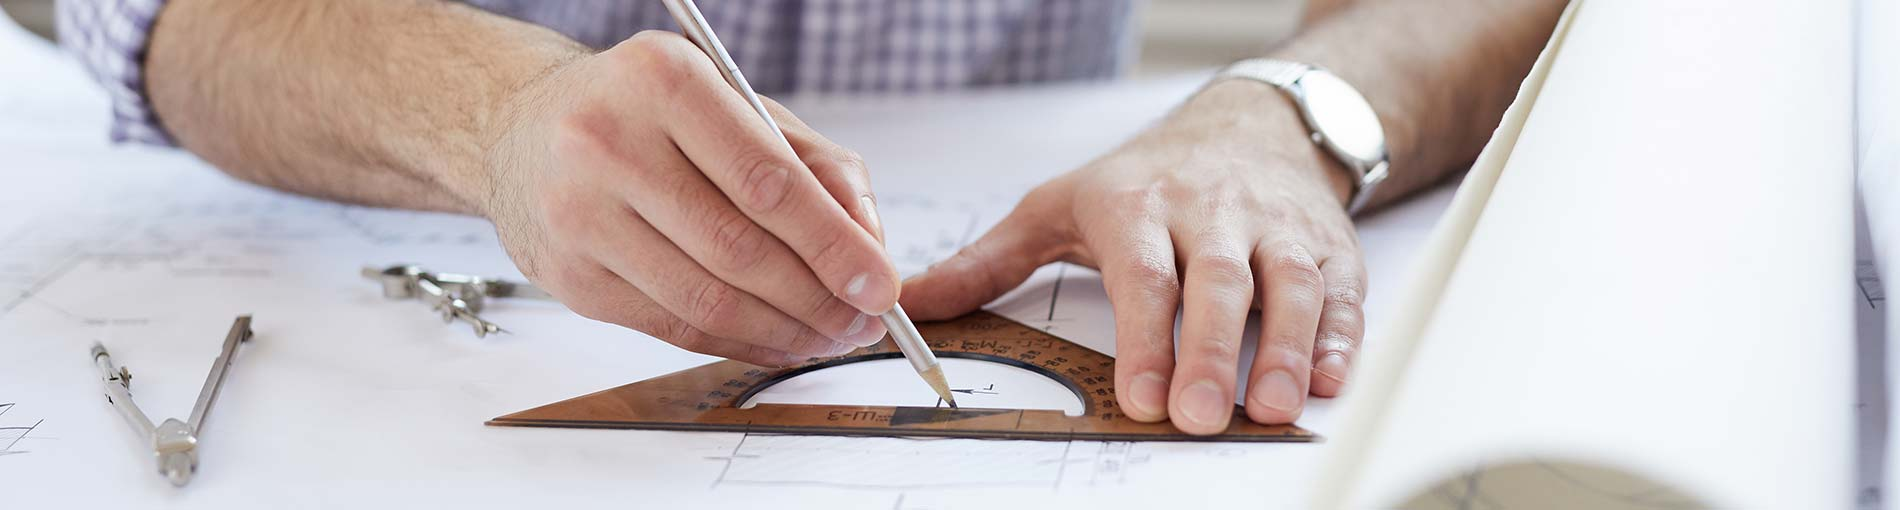 assicurazioni-aziende-e-professioni